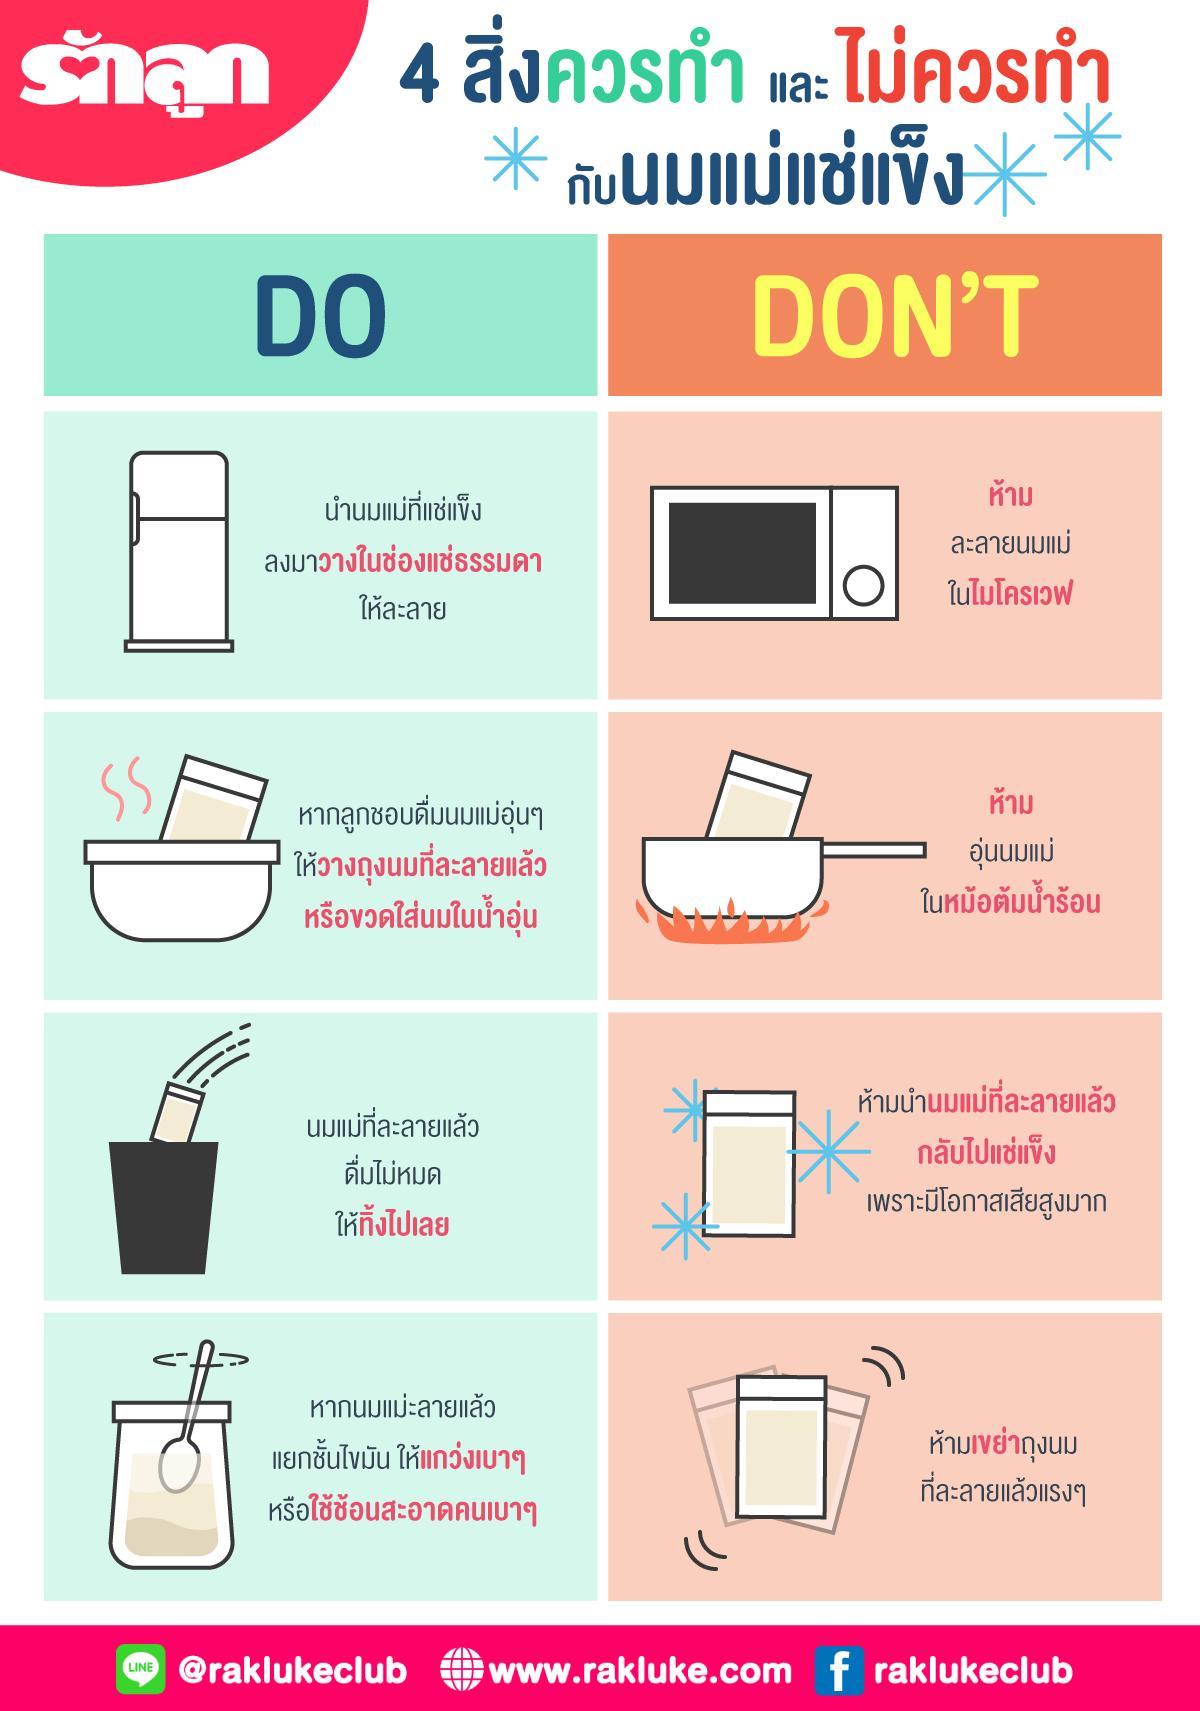 นมแม่แช่แข็ง, นมแม่แช่ฟรีซ, ละลายนมแม่แช่แข็ง, วิธีละลายนมแม่, ละลายนมแม่ในไมโครเวฟได้ไหม, ละลายนมแม่ด้วยการต้มได้ไหม, ละลายนมแม่ในน้ำร้อนได้ไหม, นมแม่ละลายแล้วเอากลับไปแช่แข็งได้ไหม, นมแม่ละลายน้ำแข็งแล้วเขย่าได้ไหม, นมแม่แช่แข็งละลายแล้วแยกชั้น เสียหรือเปล่า,  นมแม่แช่แข็งละลายแล้วแยกชั้น ยังกินได้หรือเปล่า, นมแม่ละลายแล้วเทรวมกันได้ไหม, นมแม่ละลายแล้วกินไม่หมดต้องทำยังไง